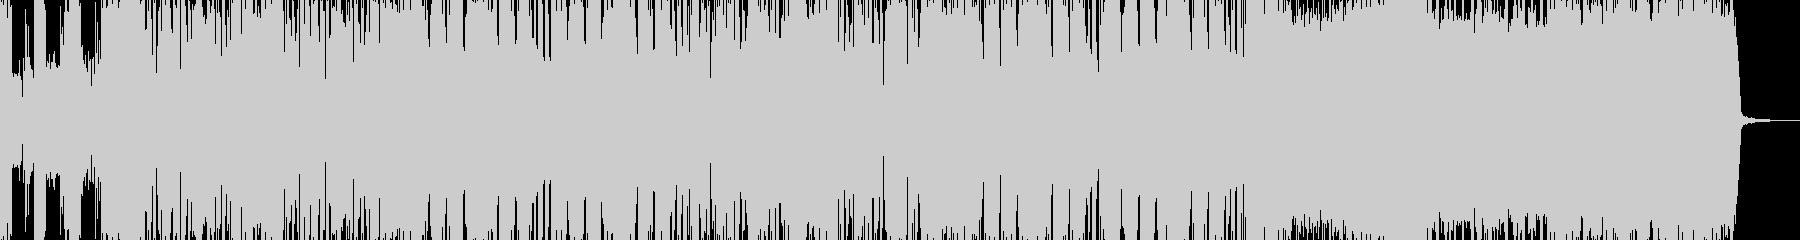 メタル 積極的 焦り ワイルド 燃...の未再生の波形